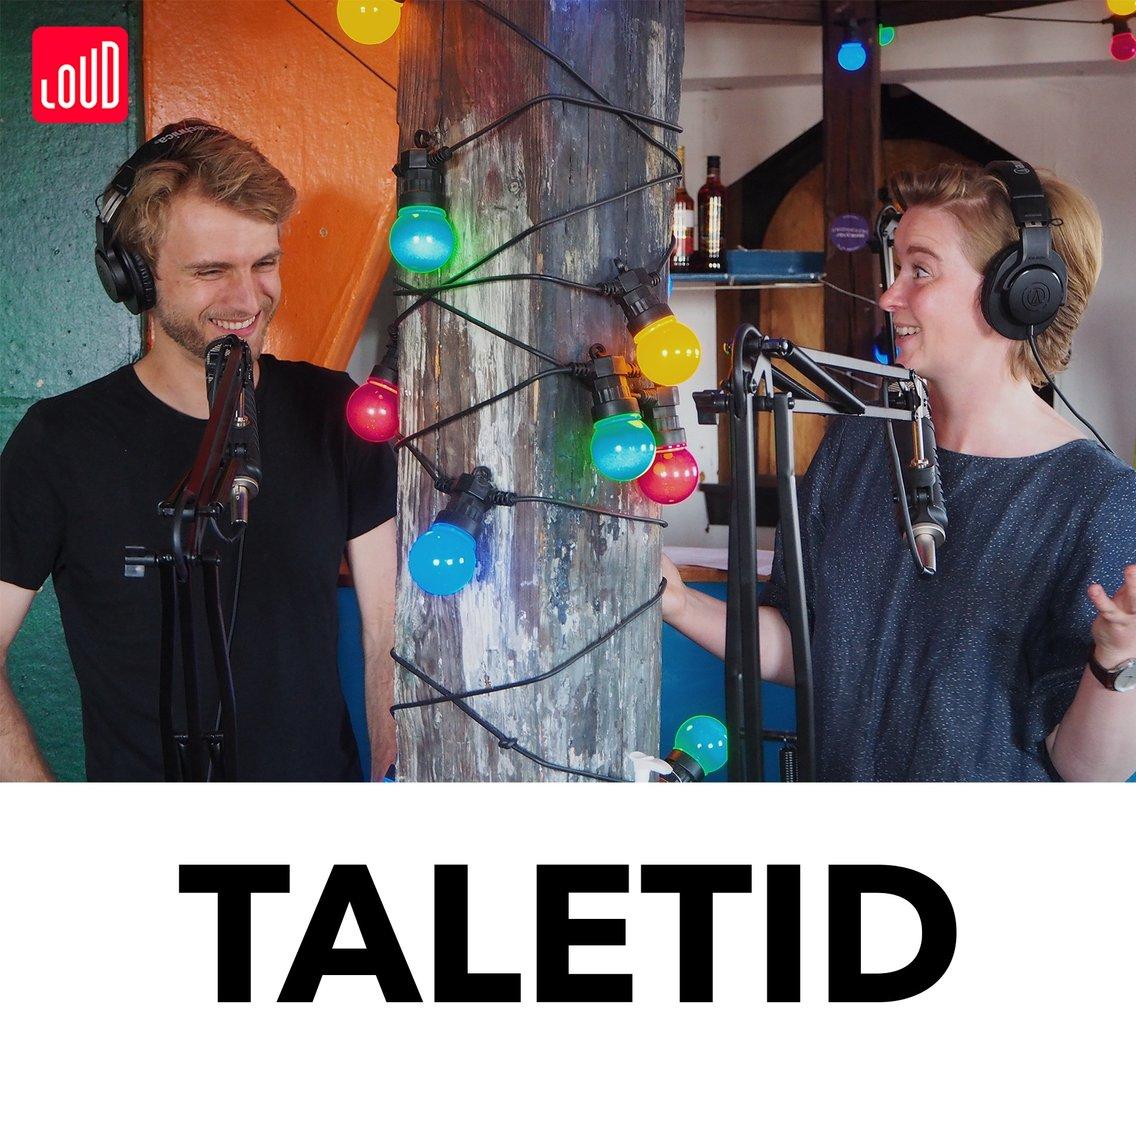 Taletid - immagine di copertina